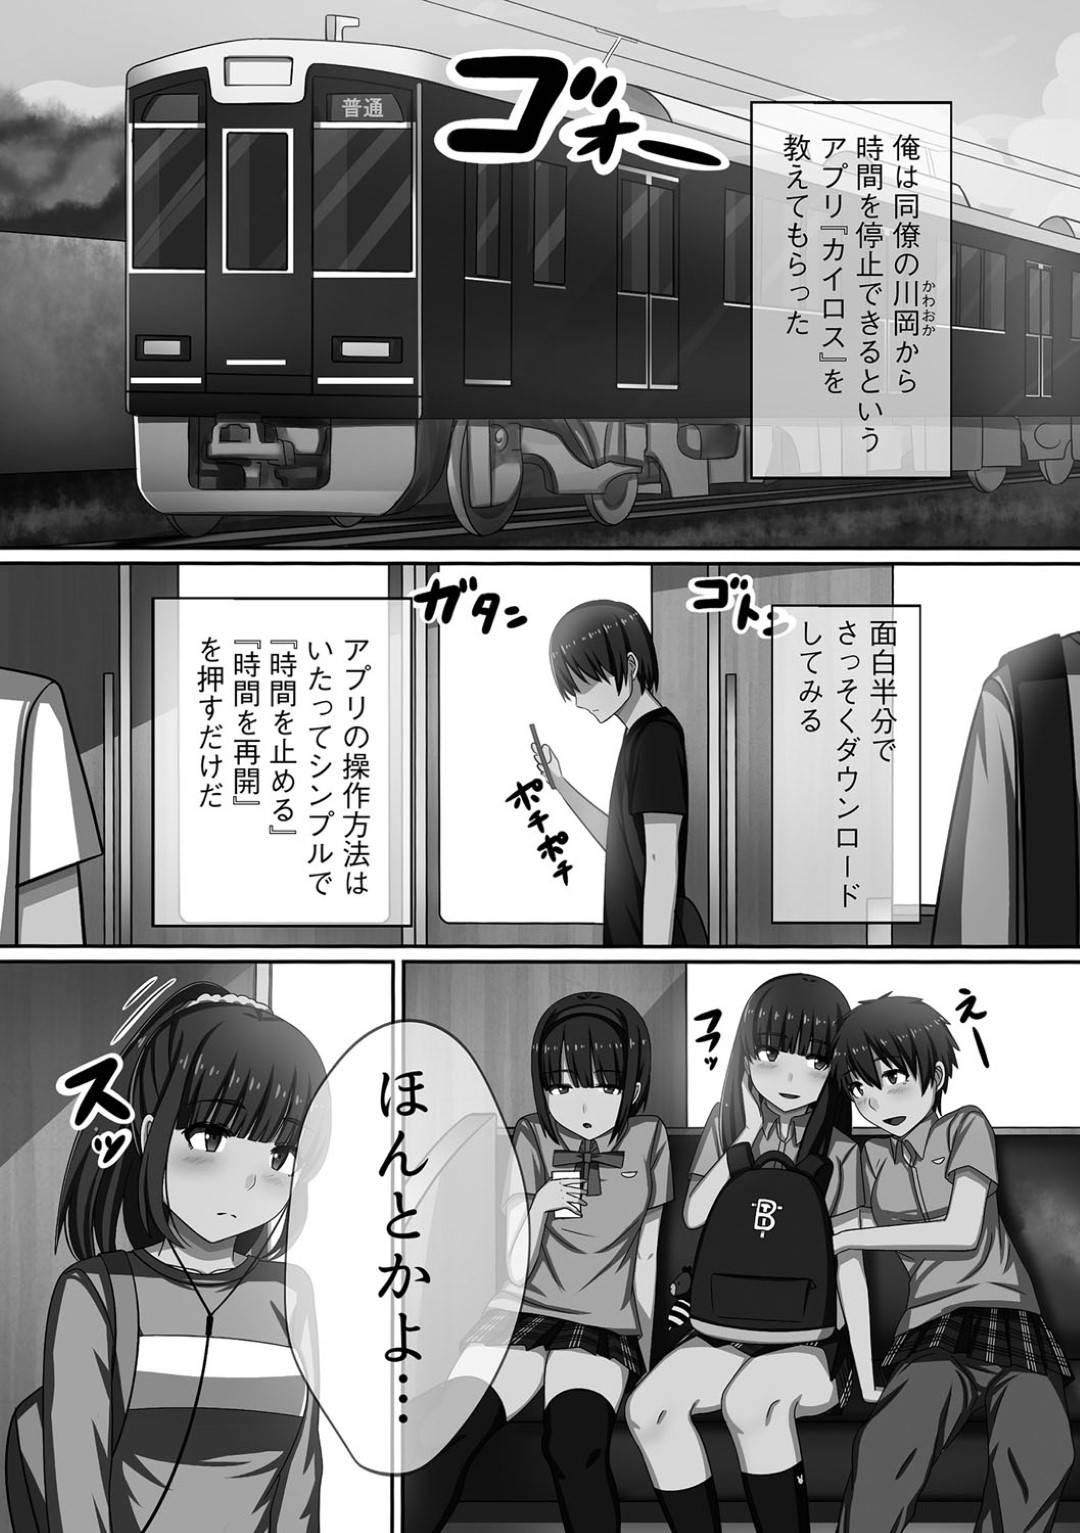 【時間停止エロ漫画】時間停止アプリを手に入れた主人公。興味本位で彼は早速電車でアプリを使い、無反応になった少女たちを片っ端からハメまくる。【川乃雅慧】